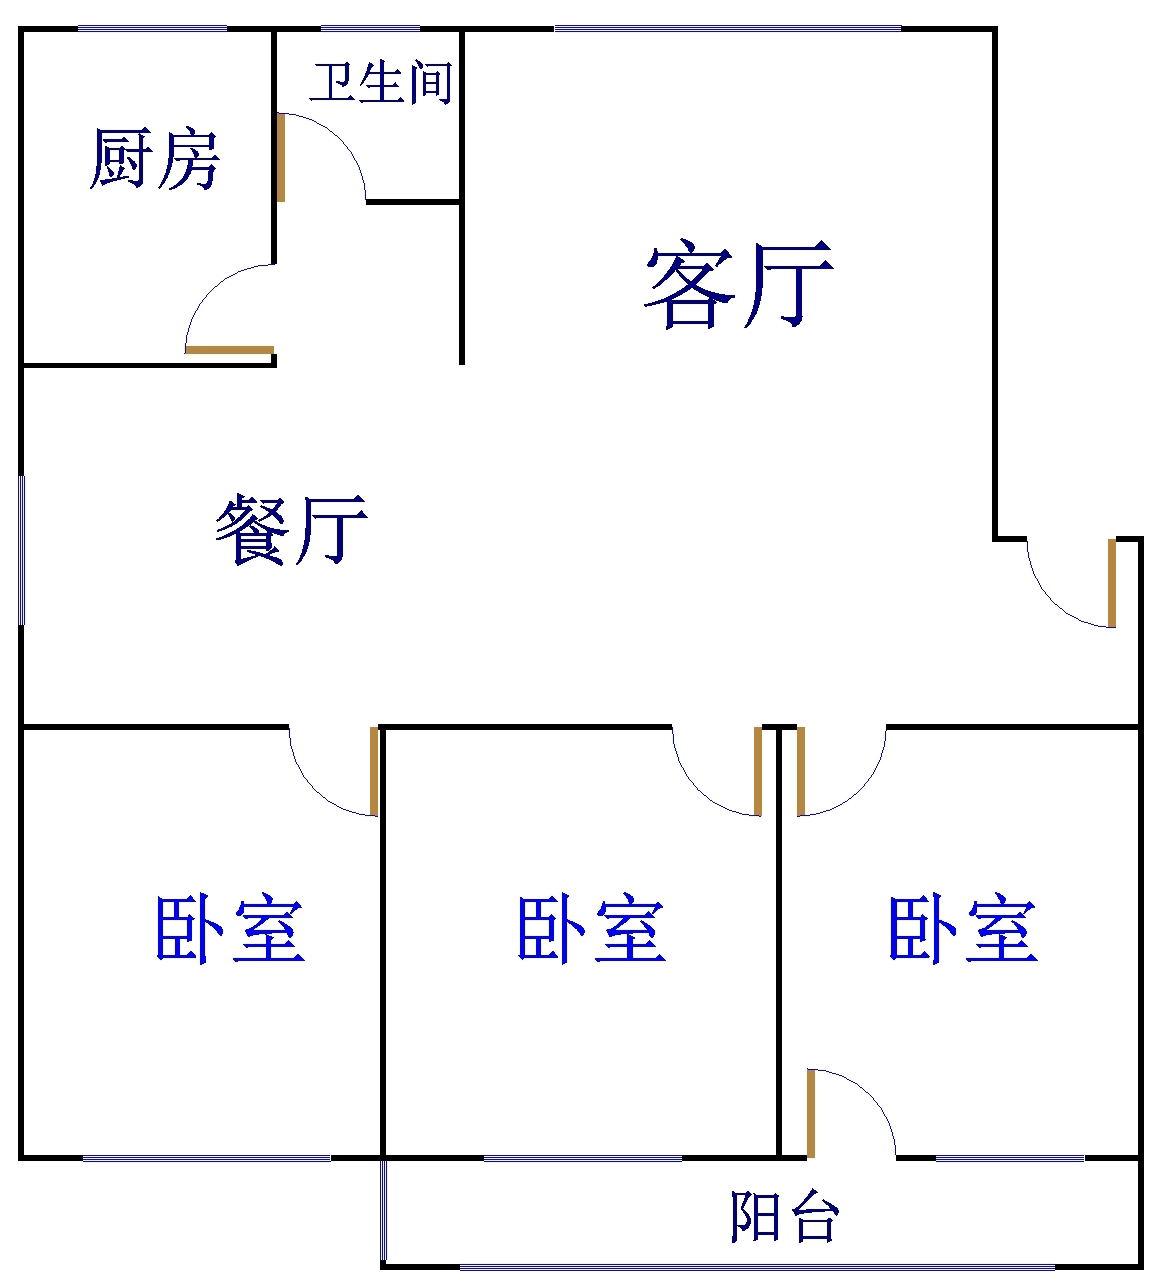 农科所宿舍 3室2厅 双证齐全 简装 188万